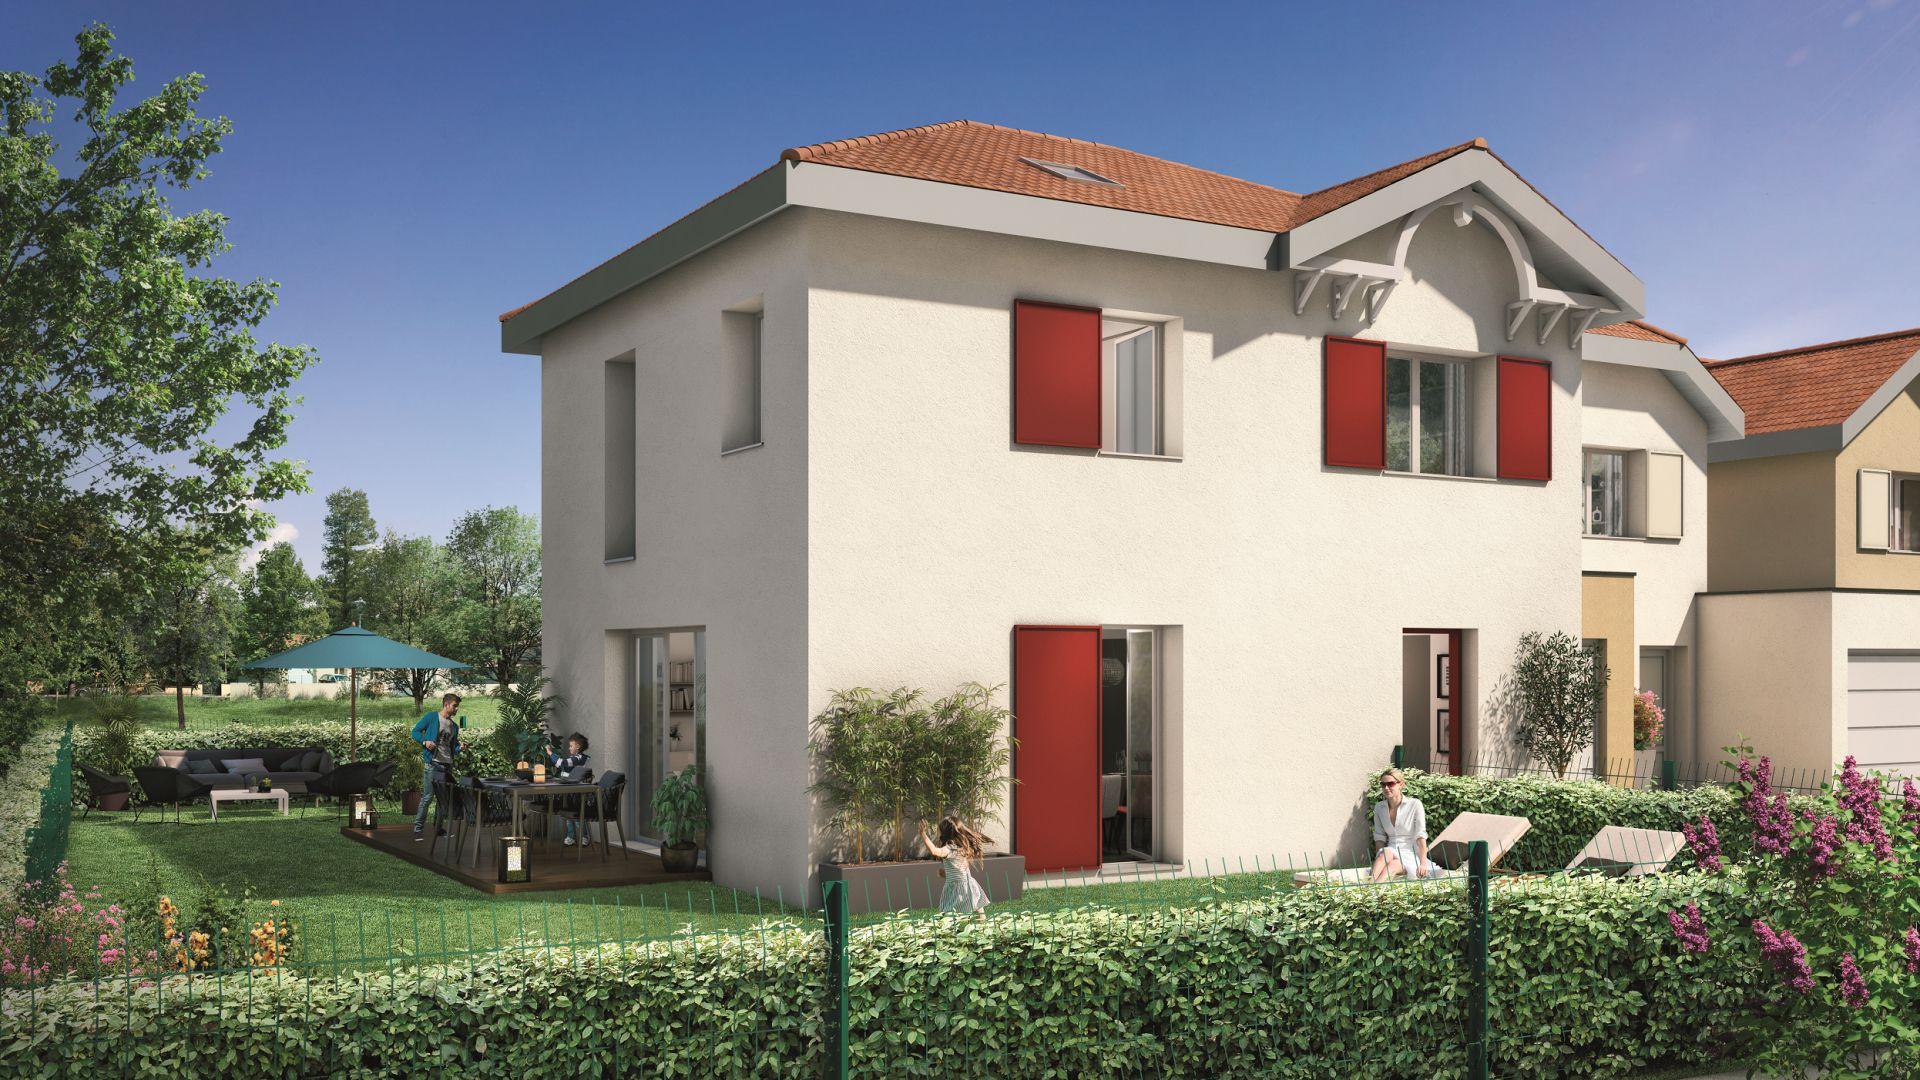 GreenCity immobilier - La Rochelle - Chatelaillon plage - Le Clos D Antoine - villa T5 - 17340